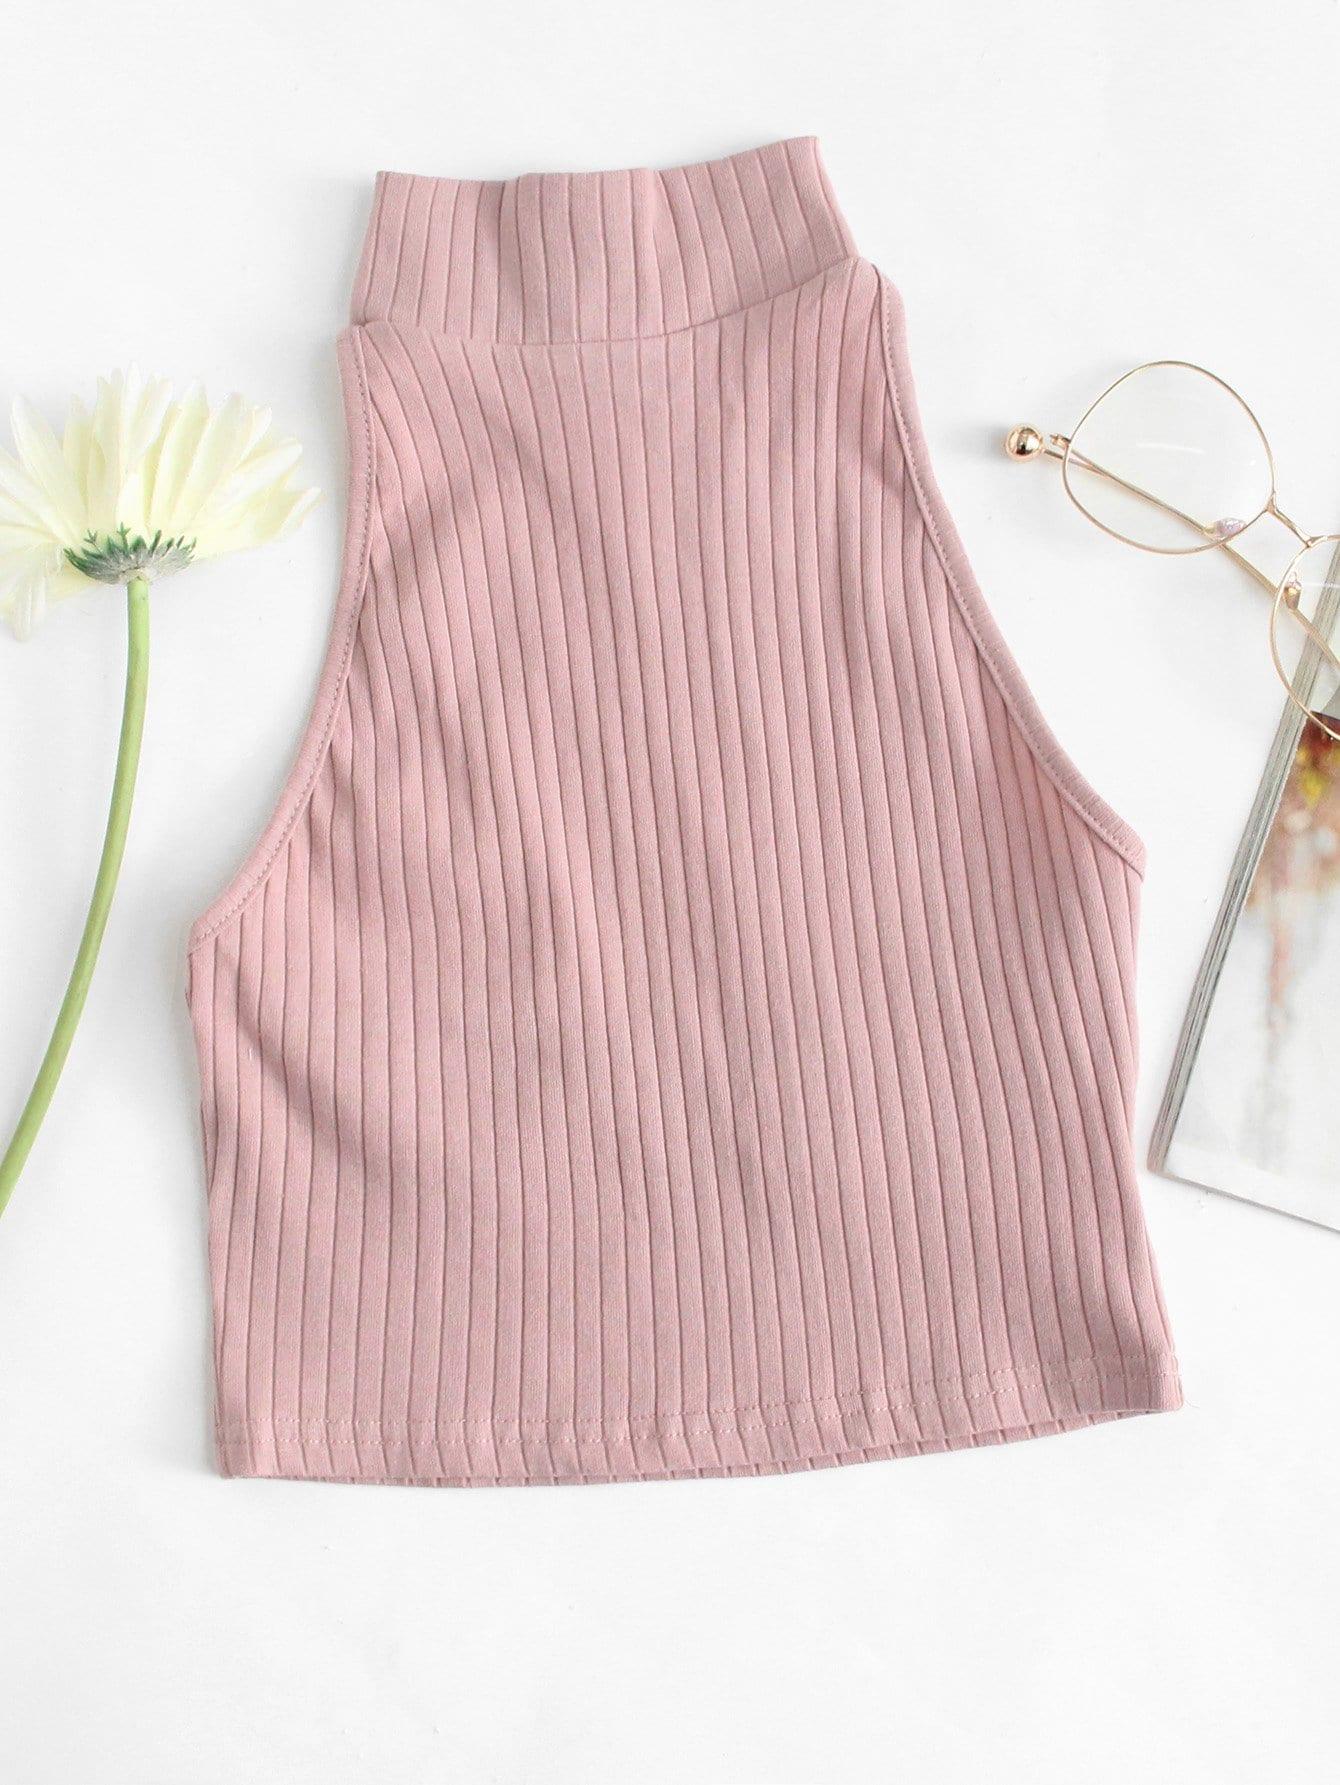 Rib Knit Halter Top rib knit tank top